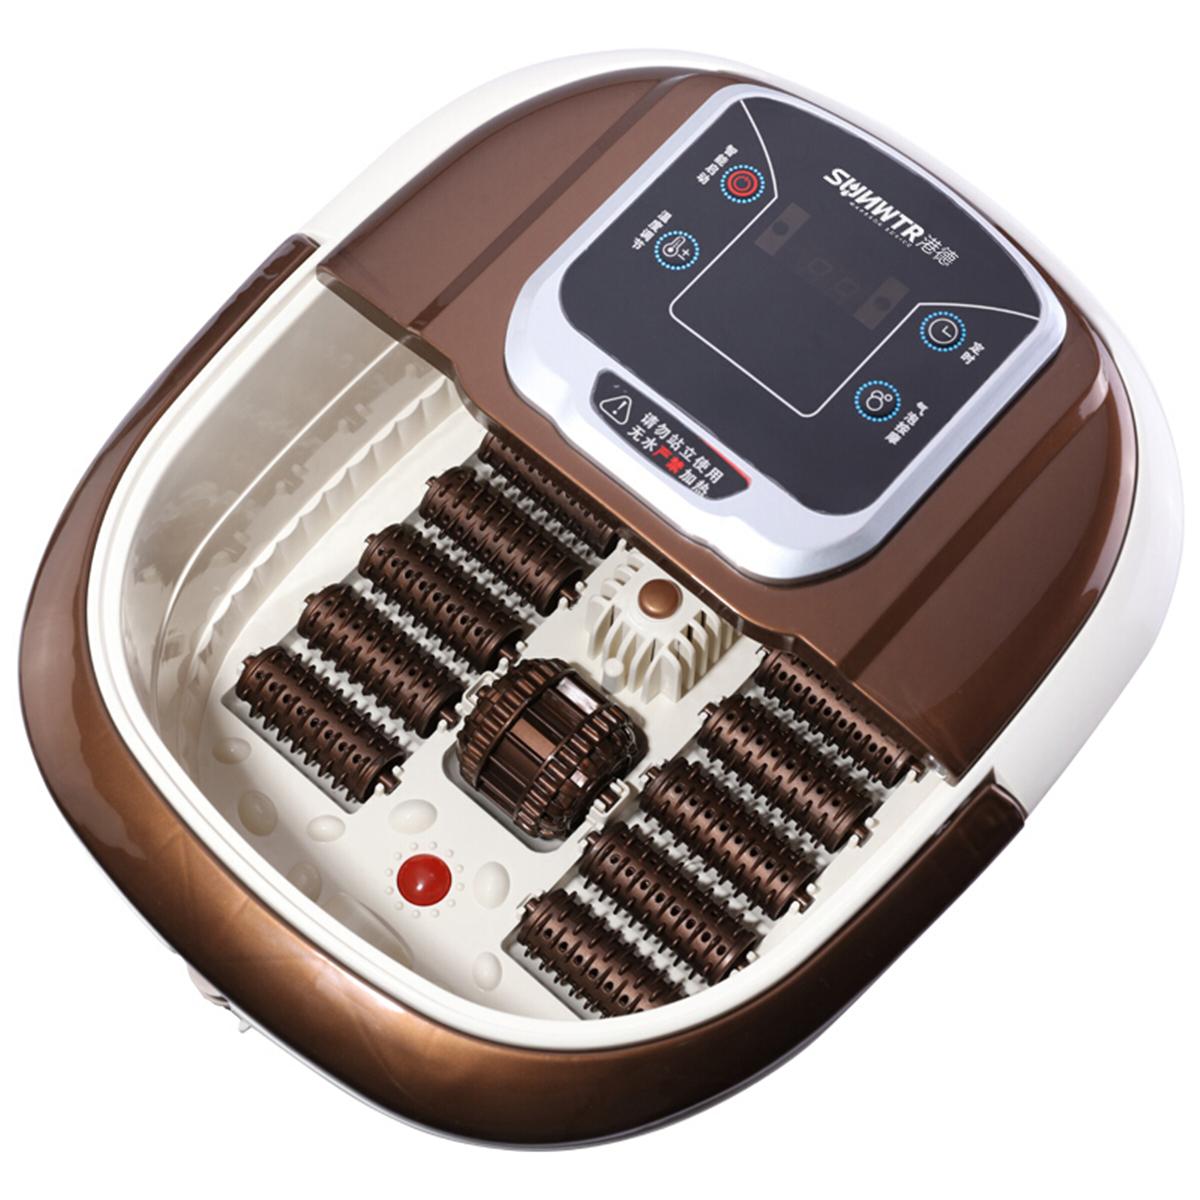 港德智能足浴盆气泡按摩 一键启动自助按摩足浴洗脚盆GD-868电脑版 咖啡色